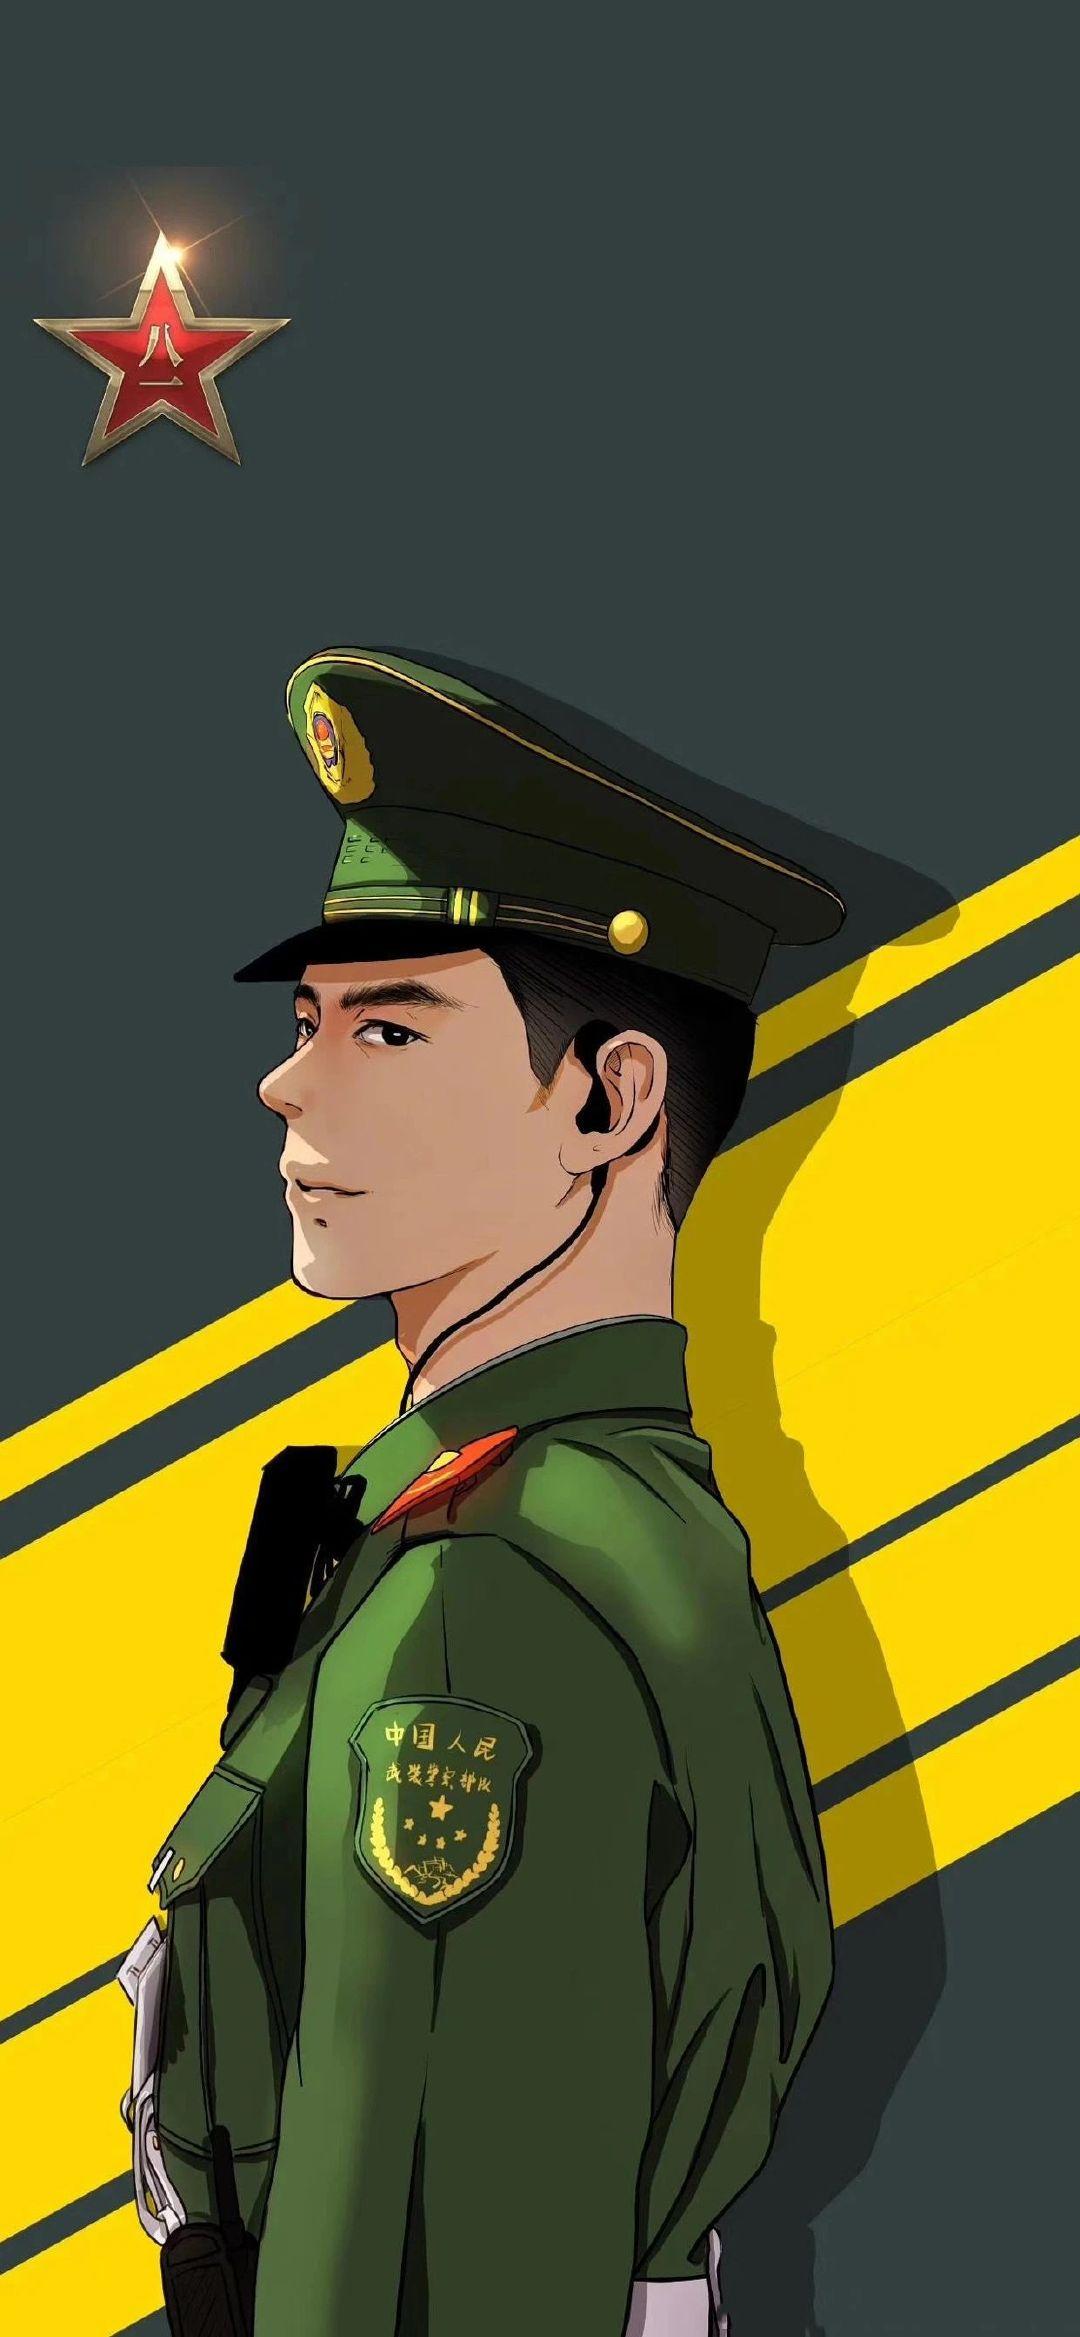 5f4fac4a7dec4 - 军人壁纸:哪有什么岁月静好,不过是有人替你负重前行